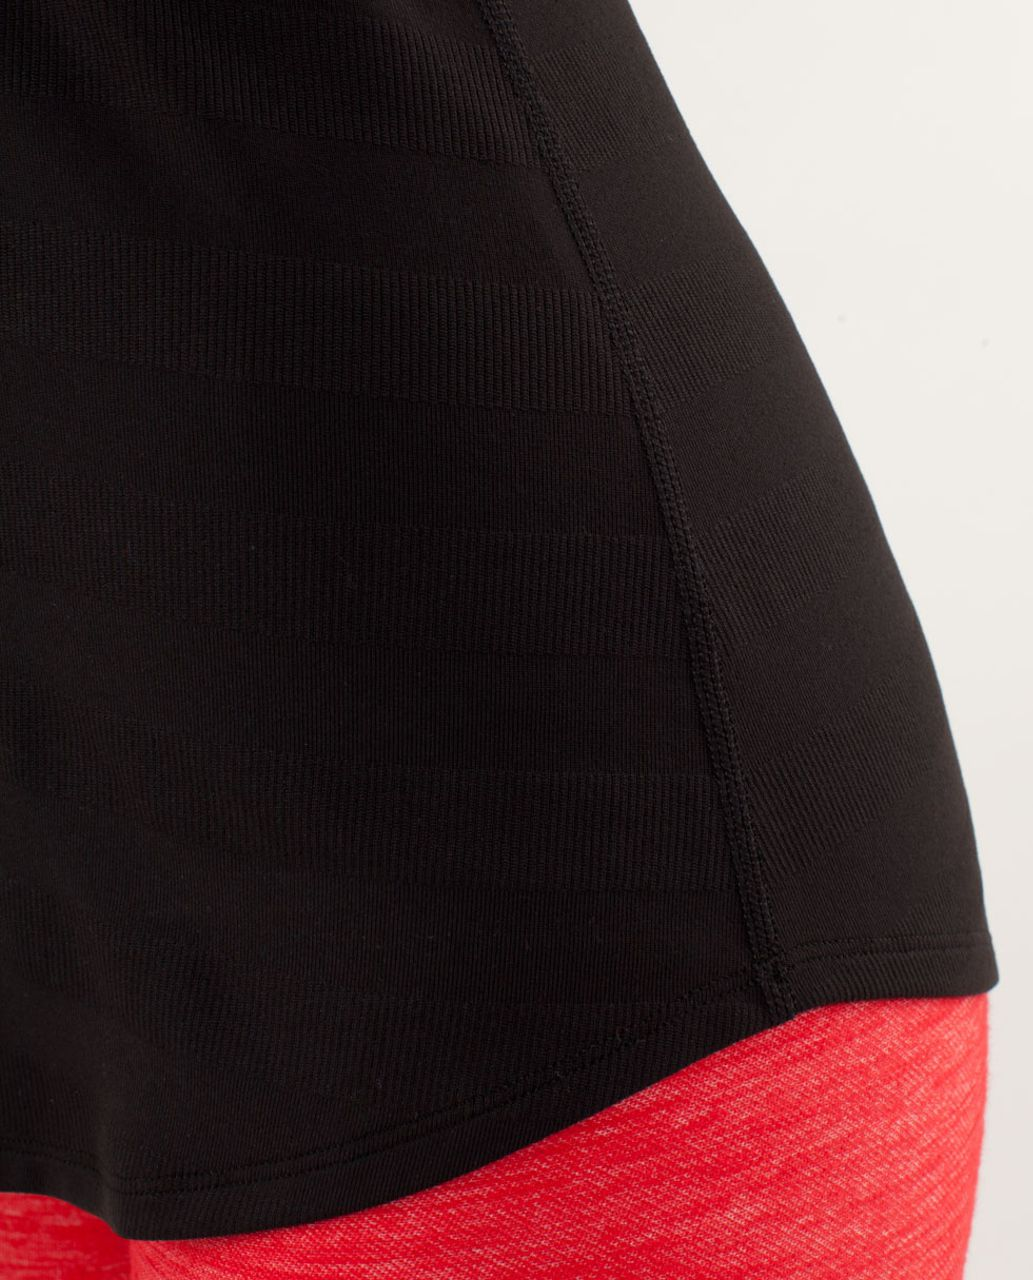 Lululemon Cool Racerback *Striped Rib - Black